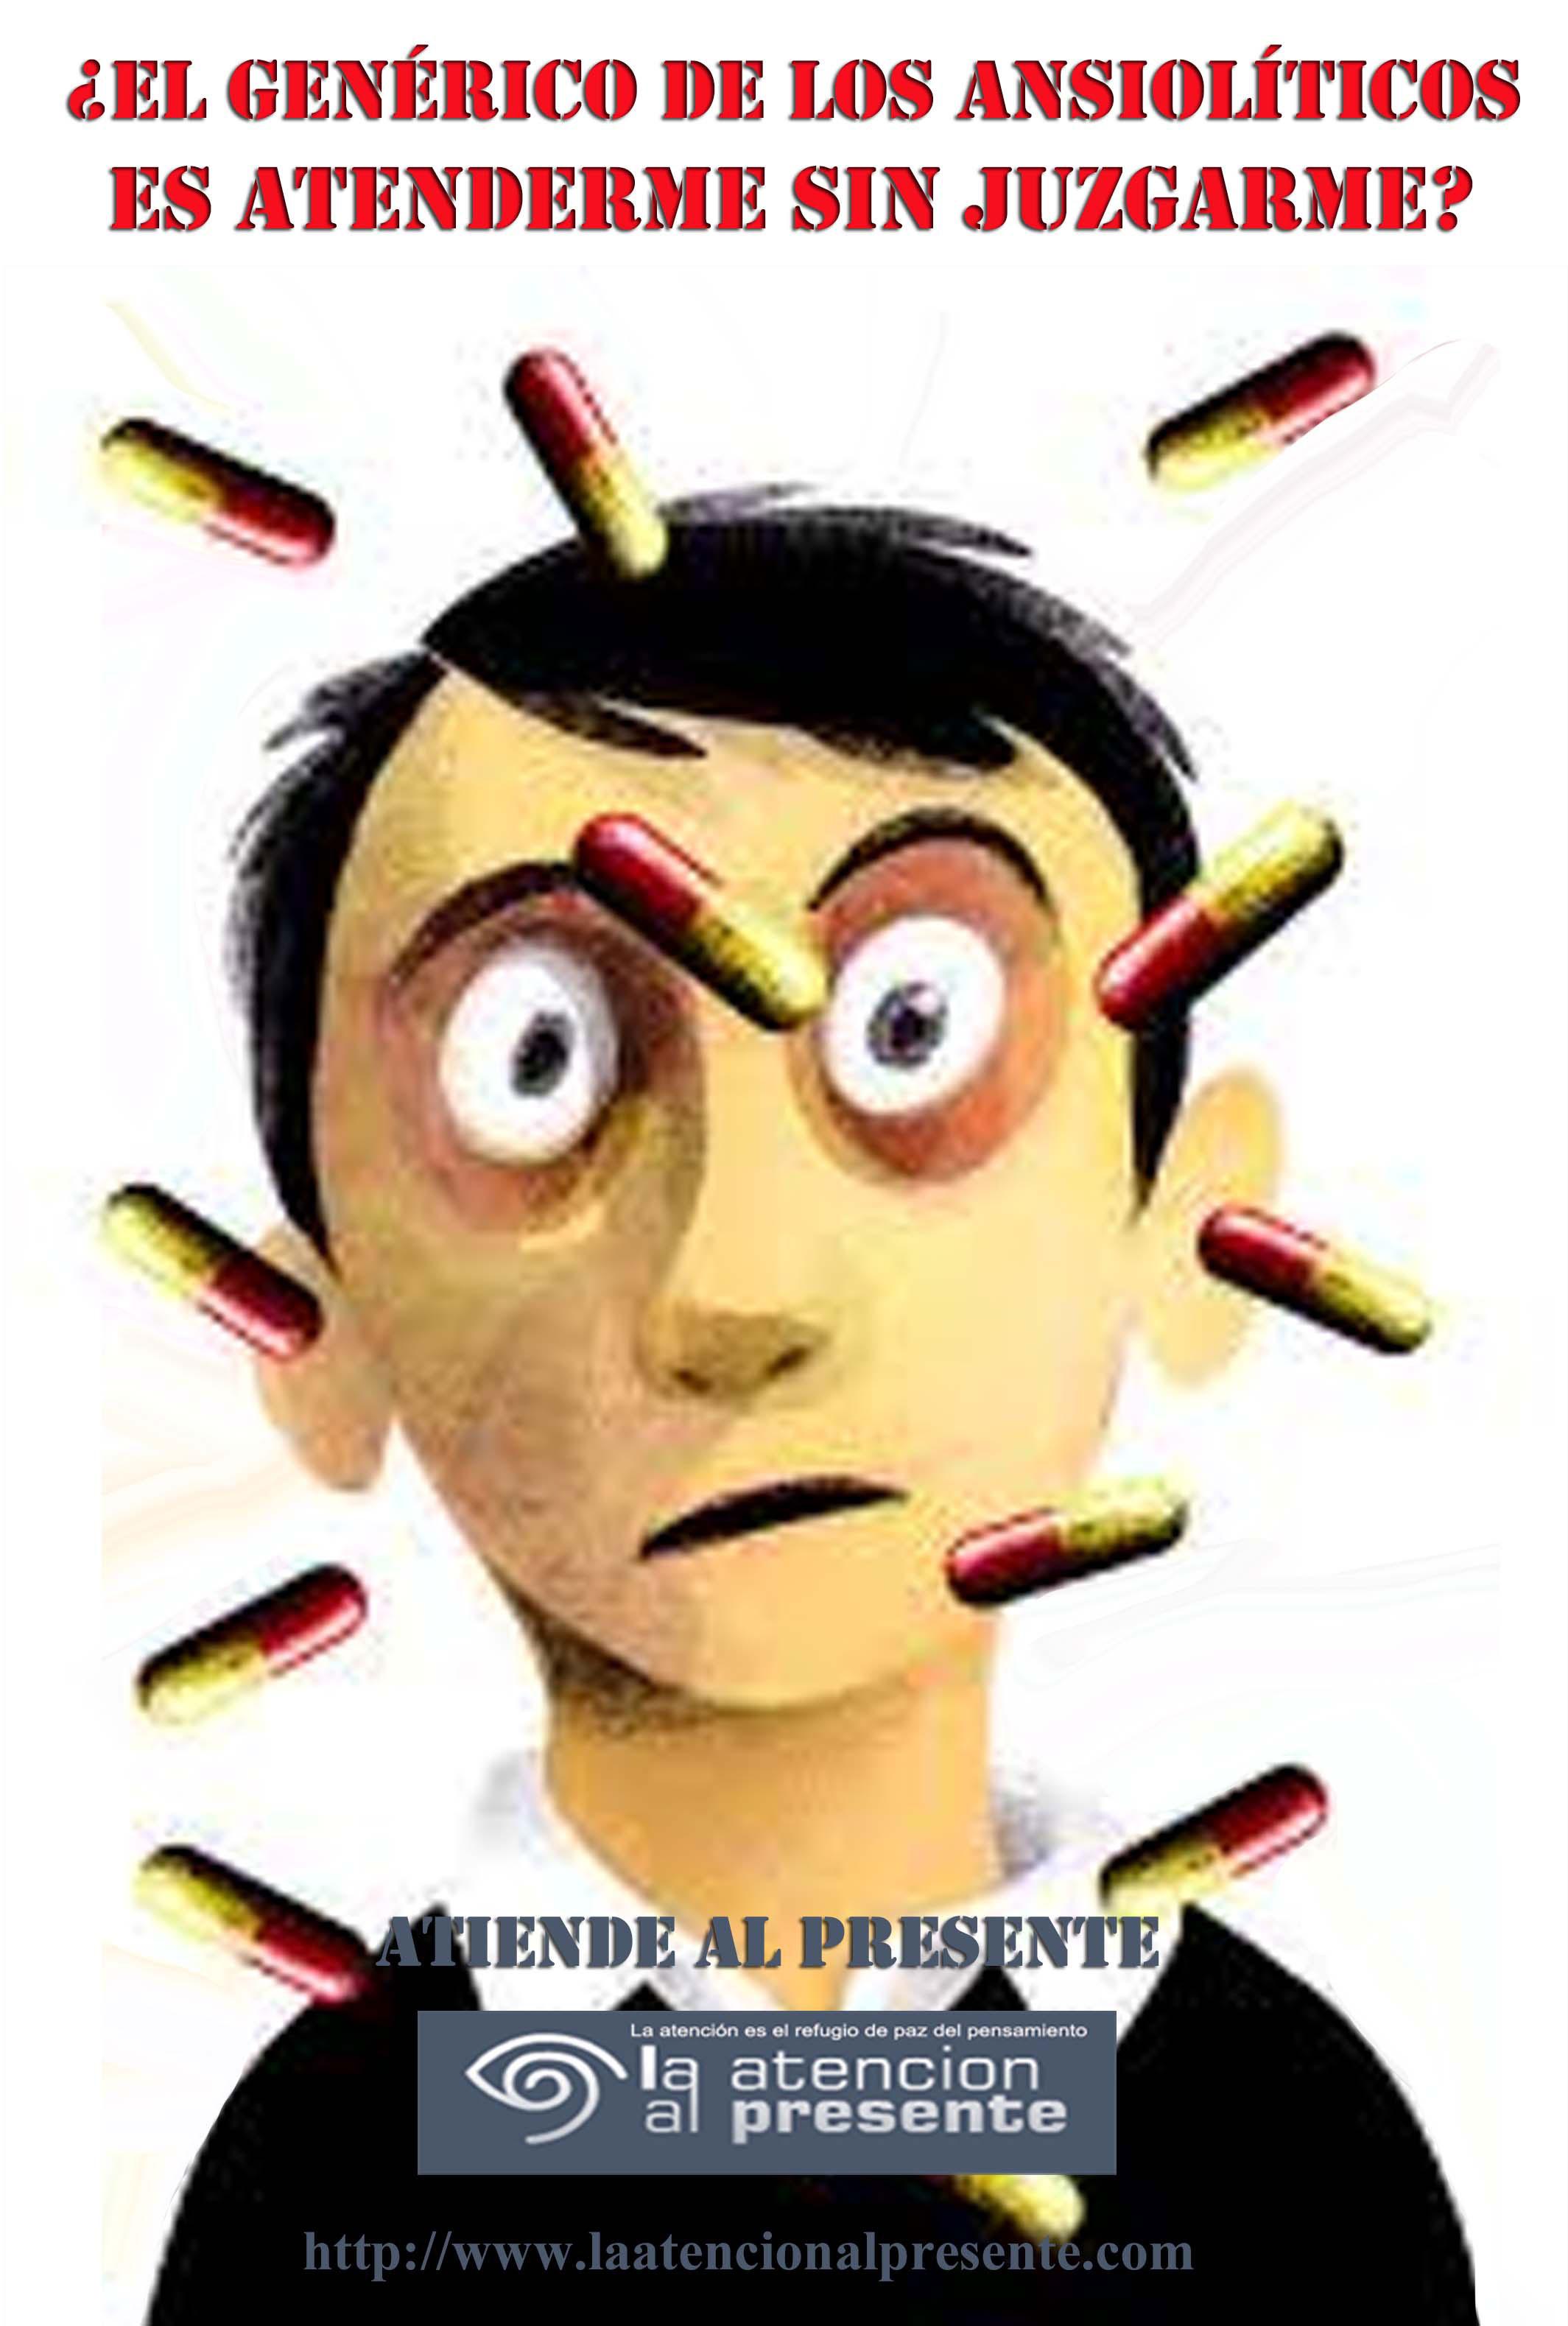 13 de marzo Esteban El genérico de los ansiolíticos es atenderme sin juzgarme. MENOS PESO